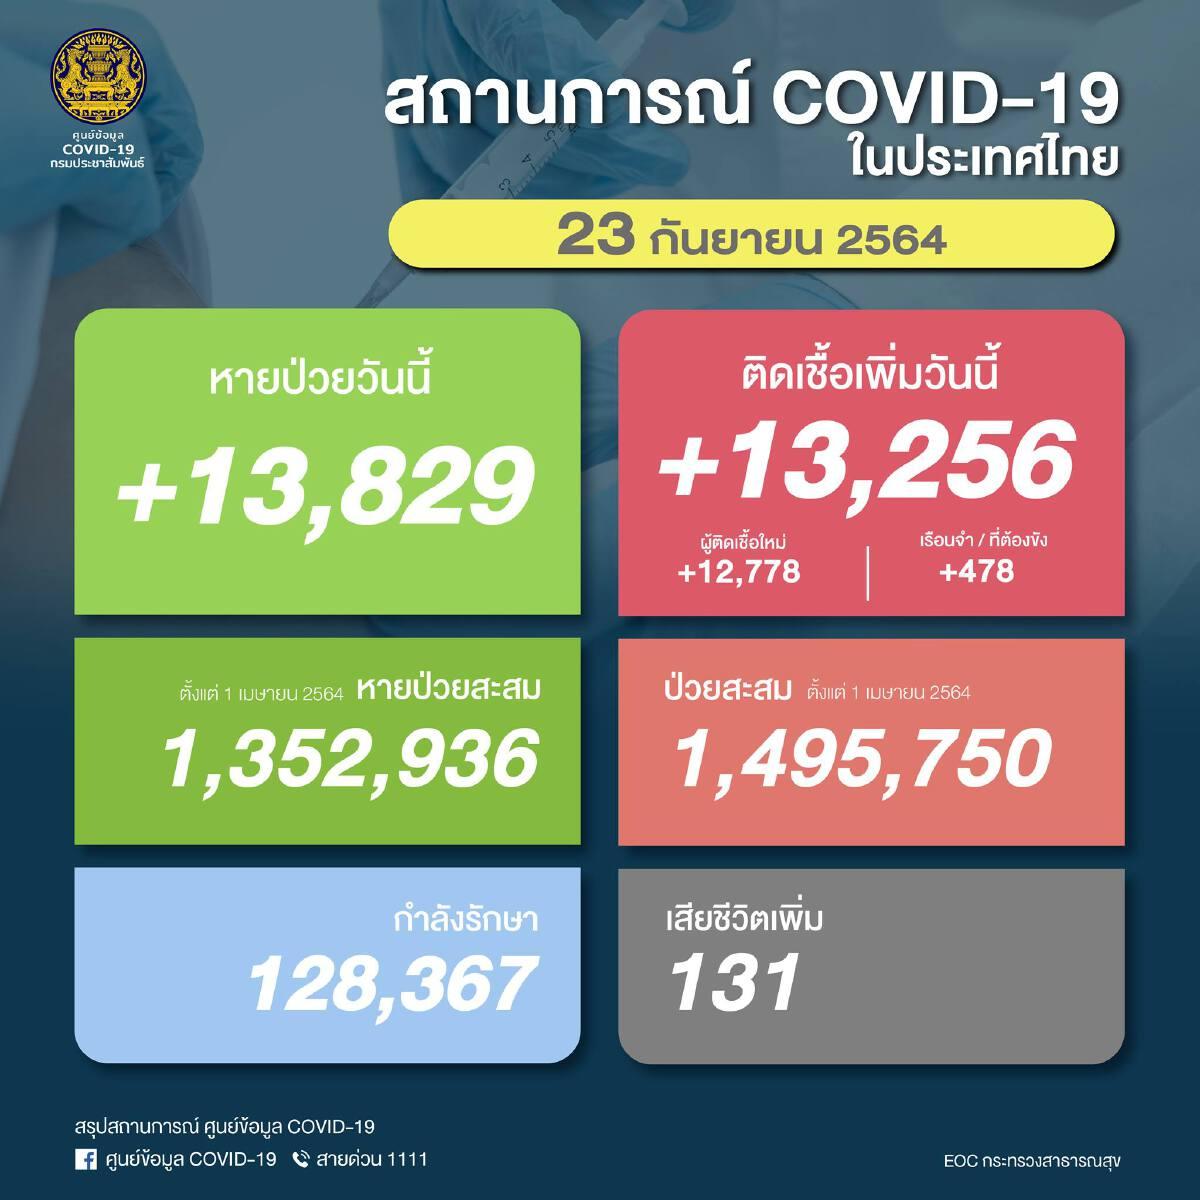 ยอด โควิด-19 วันนี้ ติดเชื้อเพิ่ม 13,256 ราย ตาย 131 ราย ATK อีก 3,088 ราย